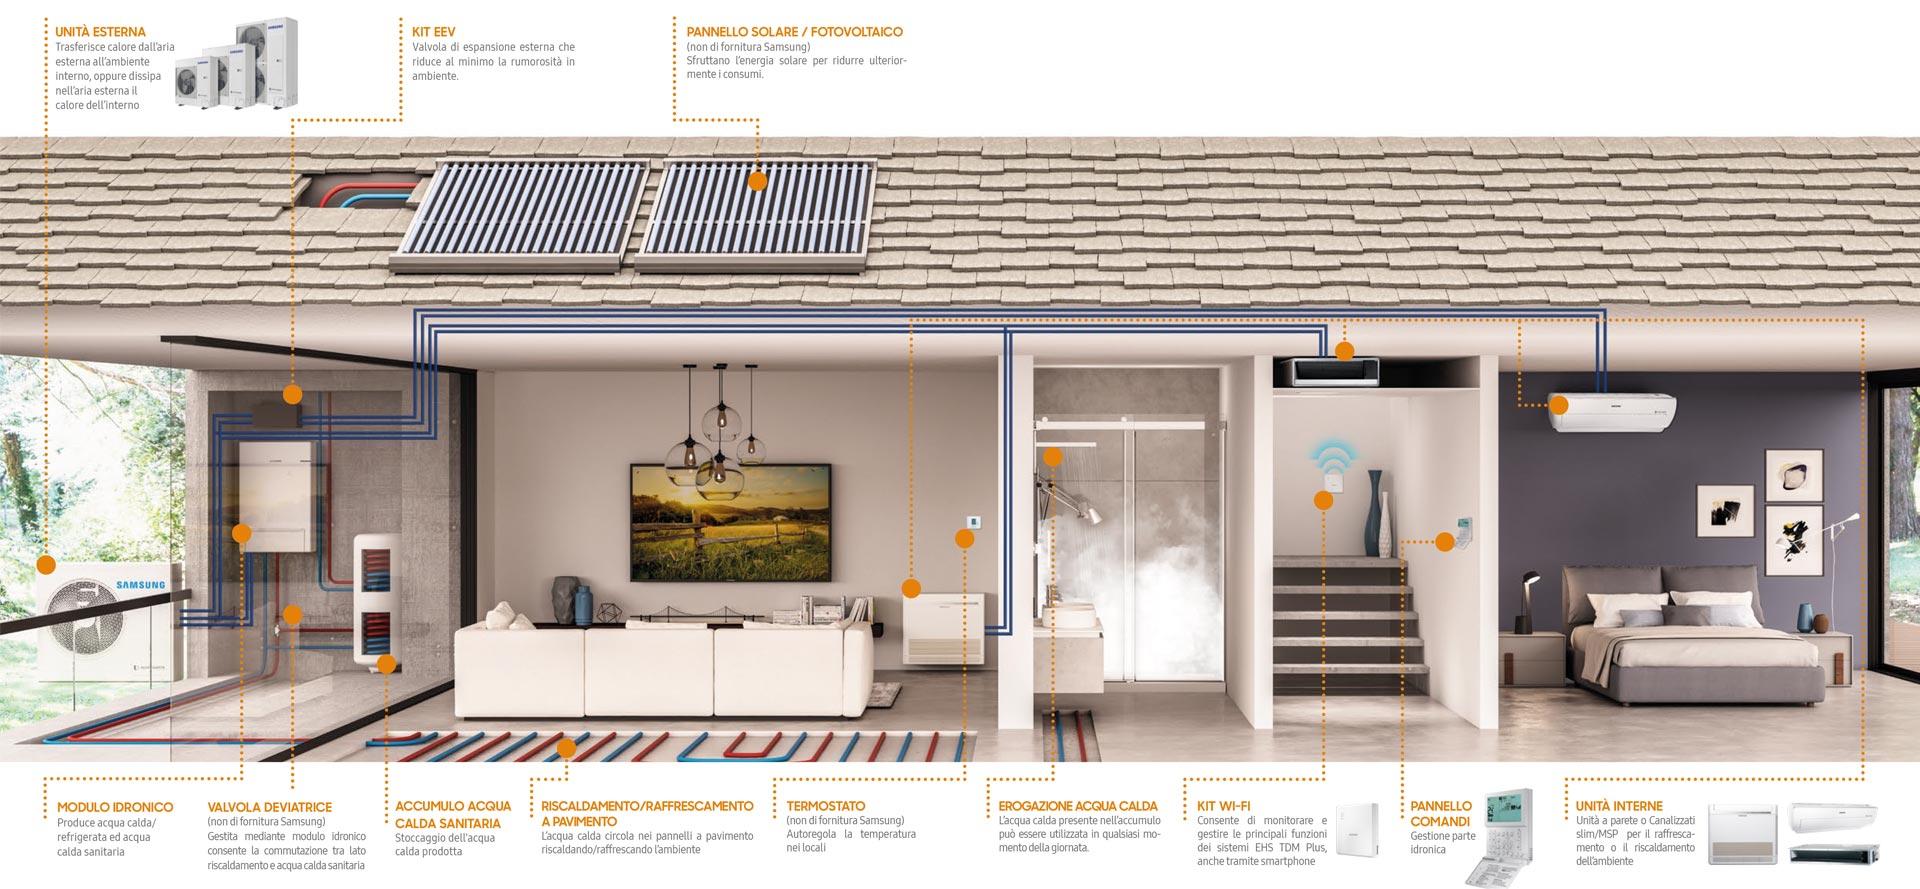 innovativo_sistema_climatizzazione_samsung